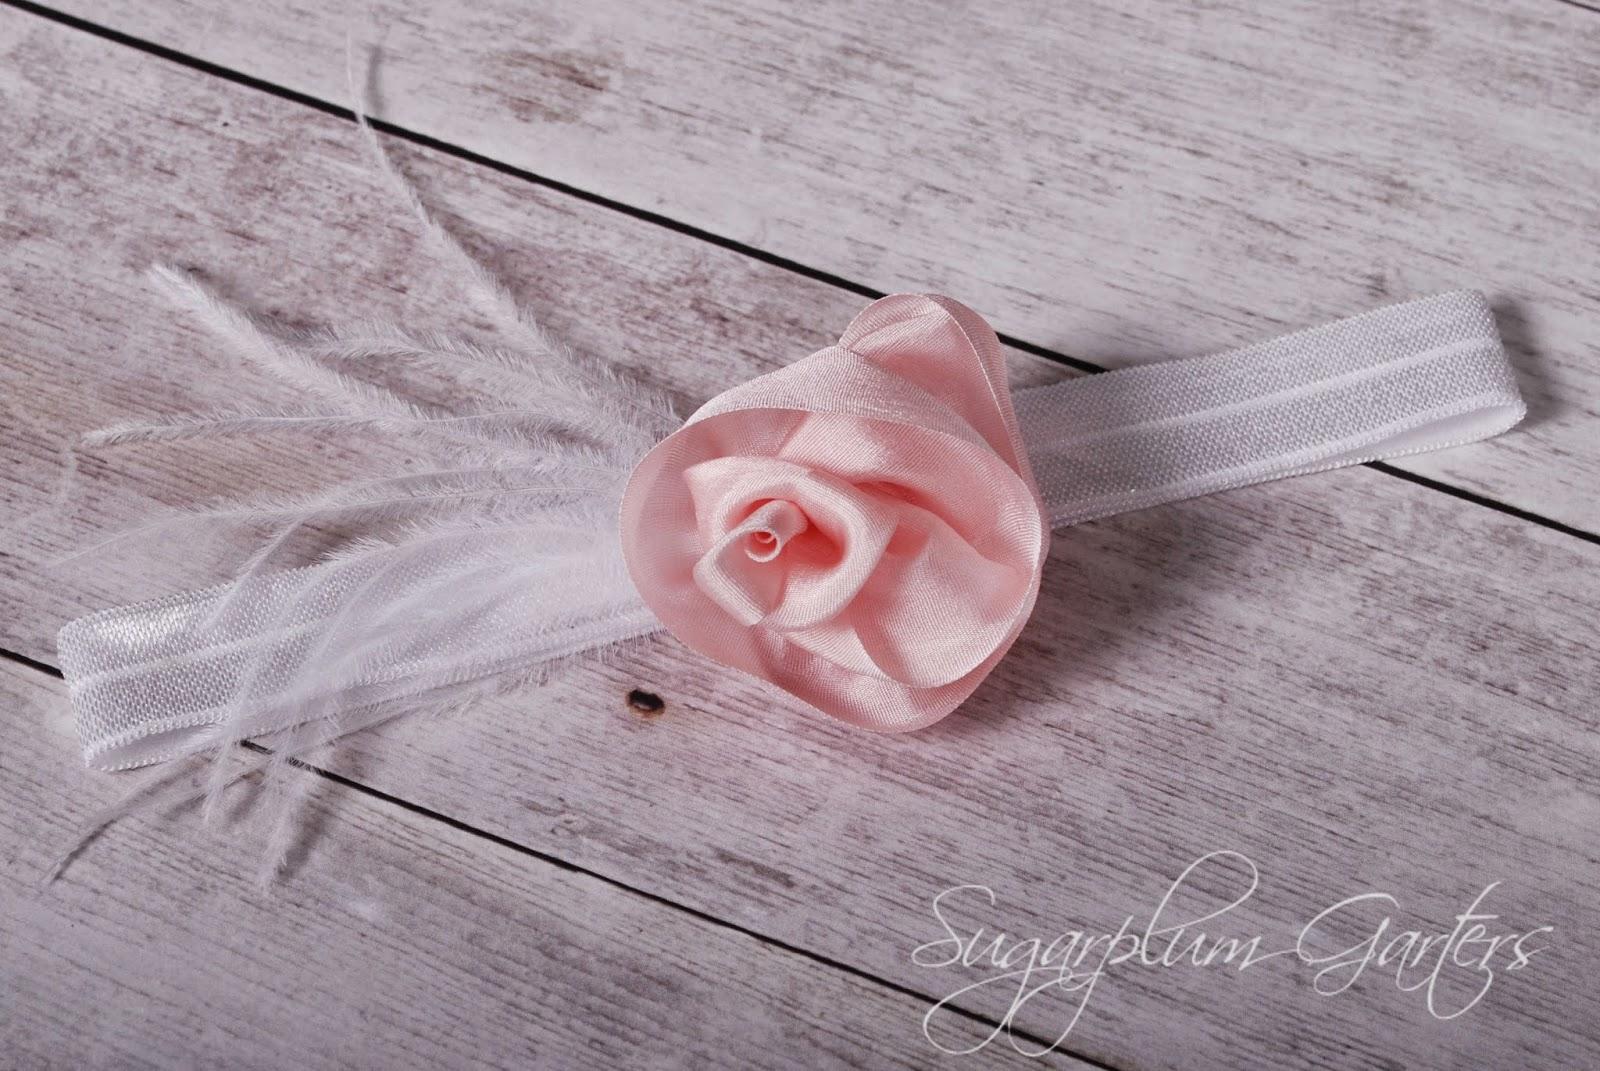 Wedding Garter in Blush Pink Silk and White by Sugarplum Garters